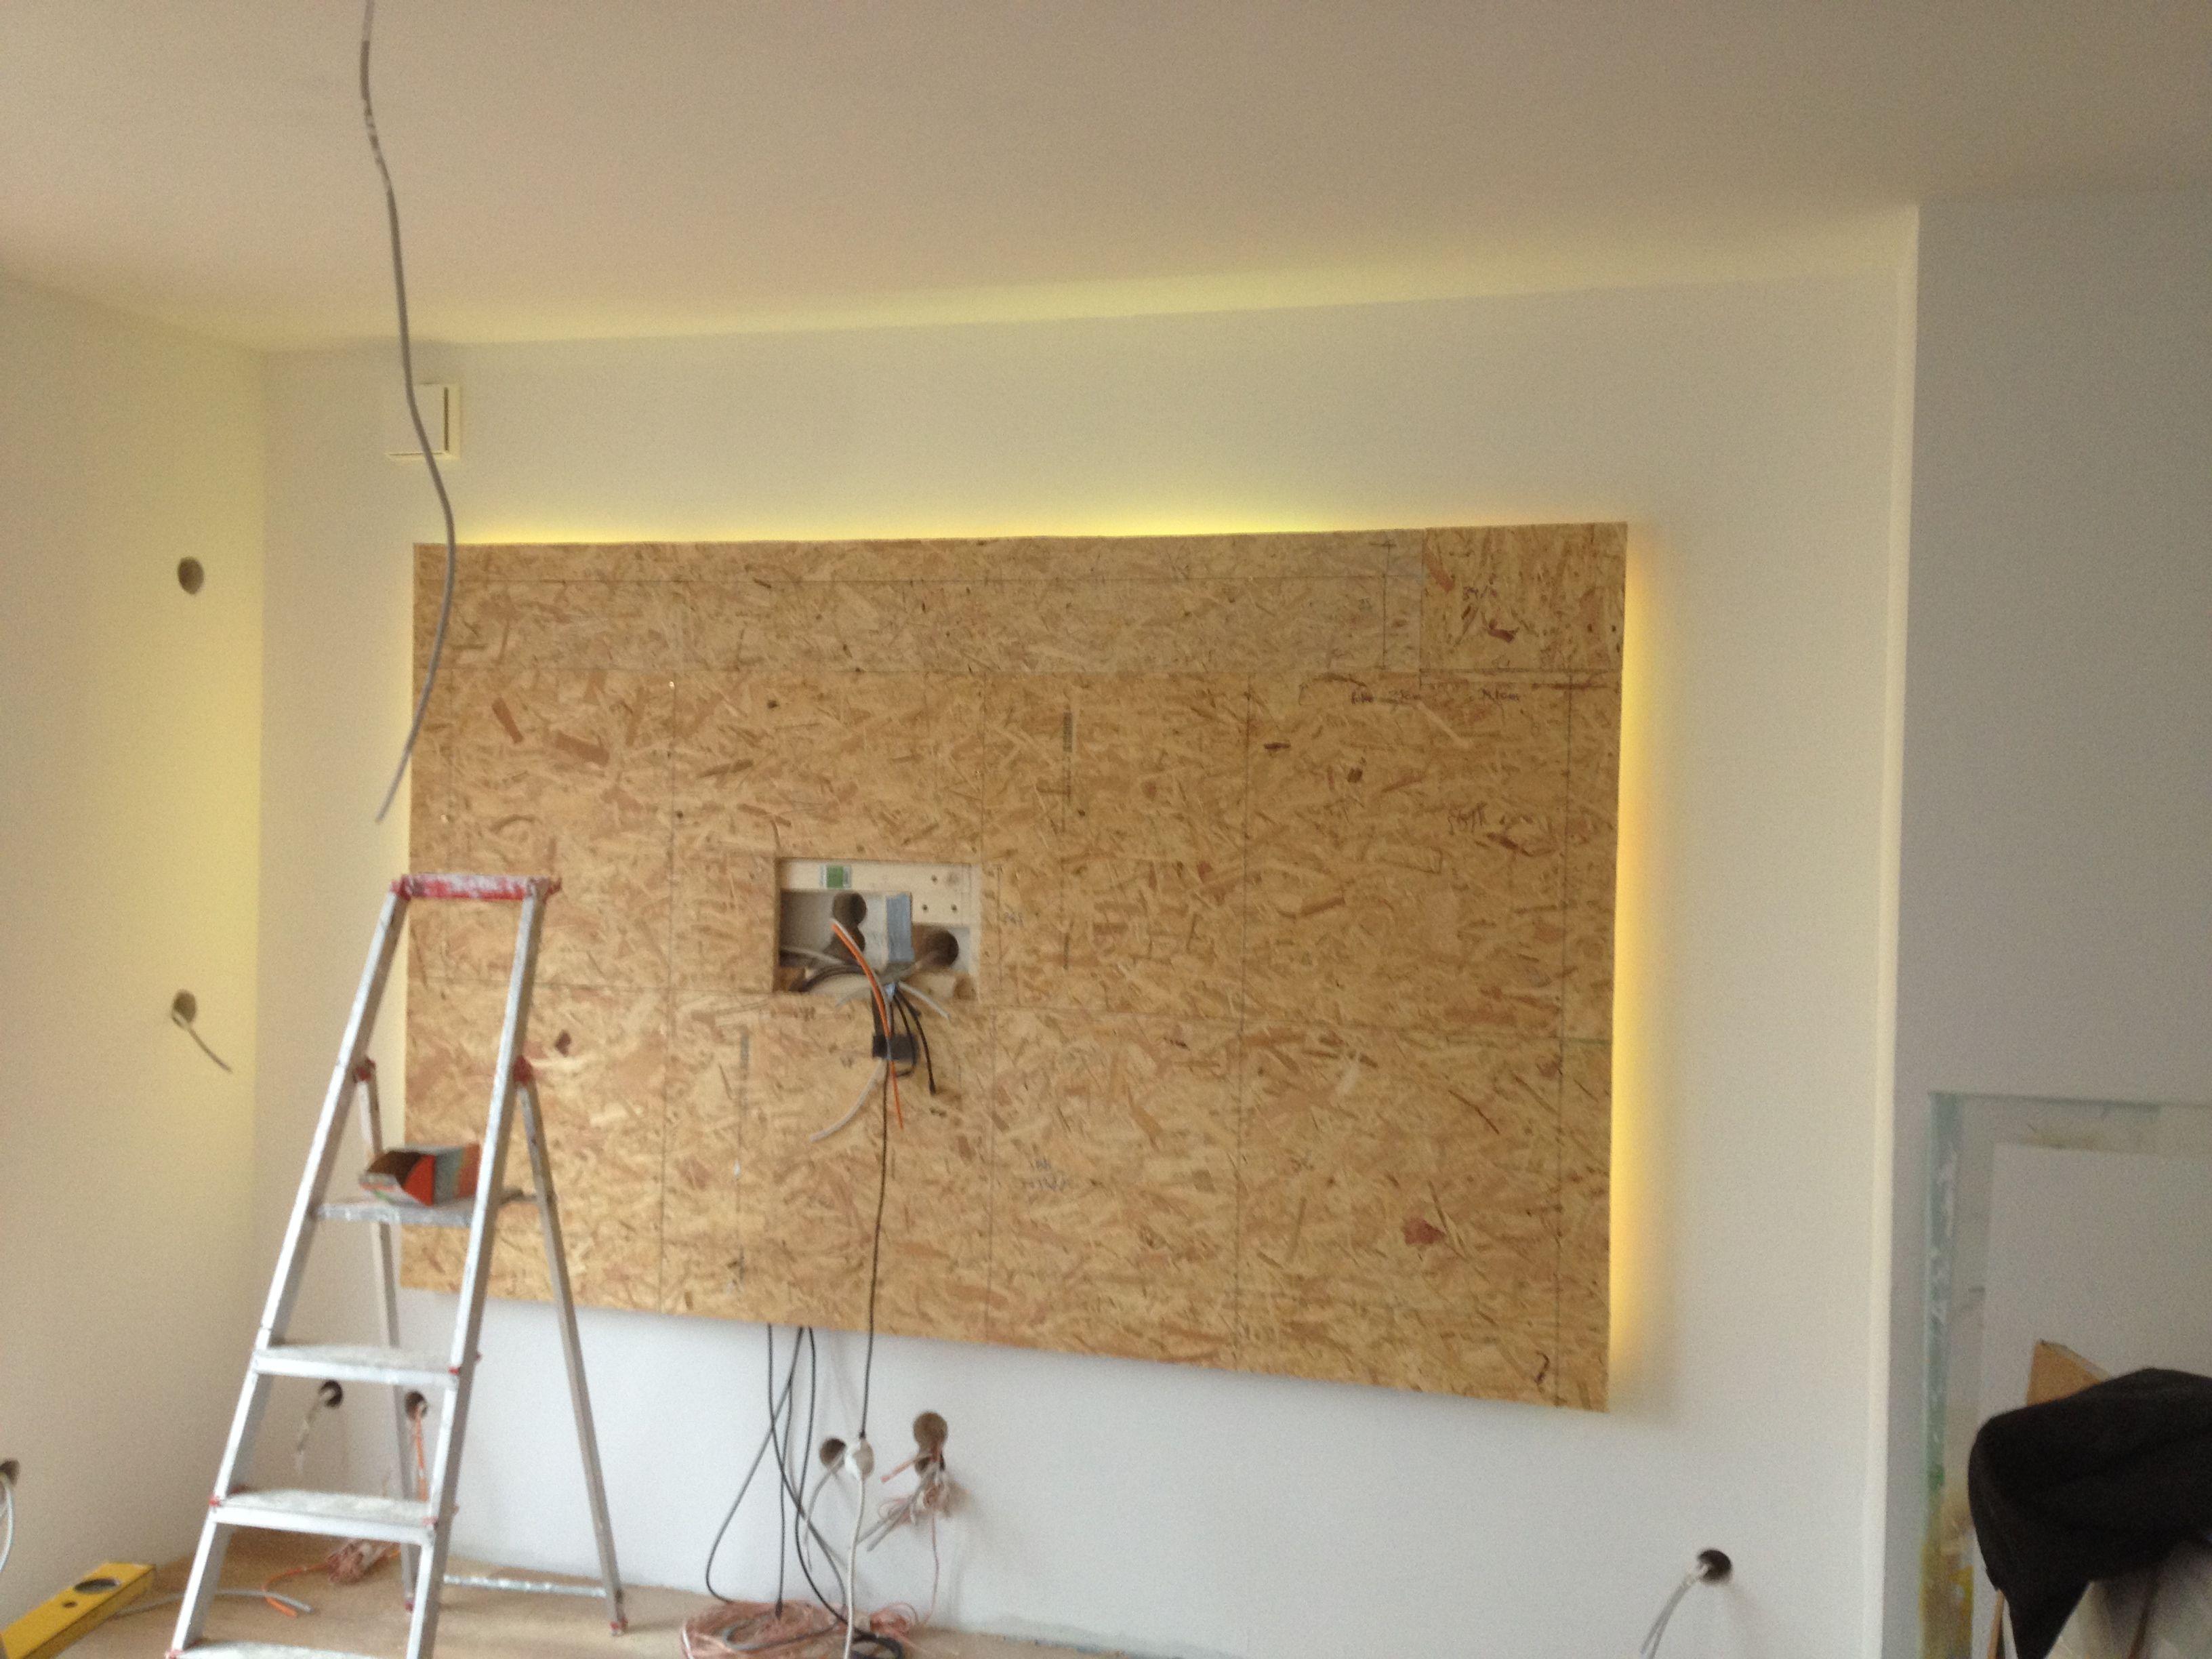 So Kann Man Osb Auch Einen Edleren Charakter Verleihen Indirekte Beleuchtung Wohnzimmer Beleuchtung Wohnzimmer Indirekte Beleuchtung